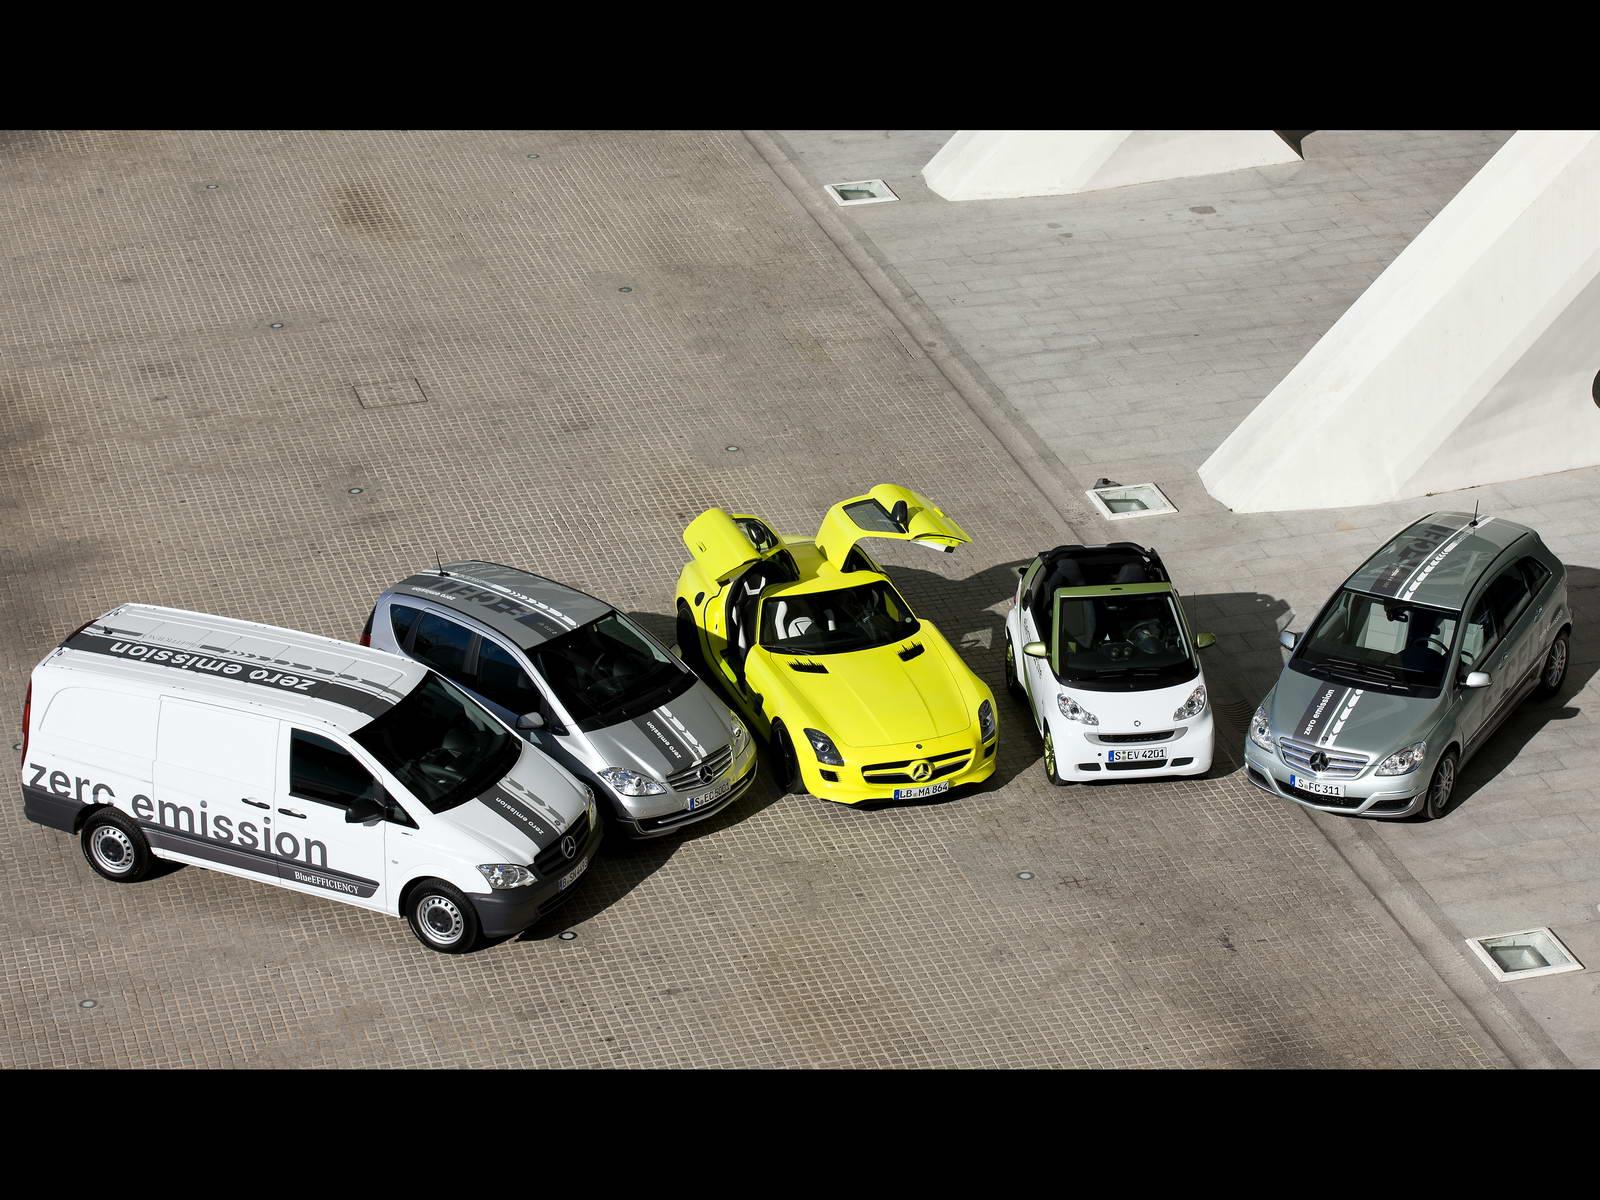 mercedes_benz_gama_vehiculos_electricos_03